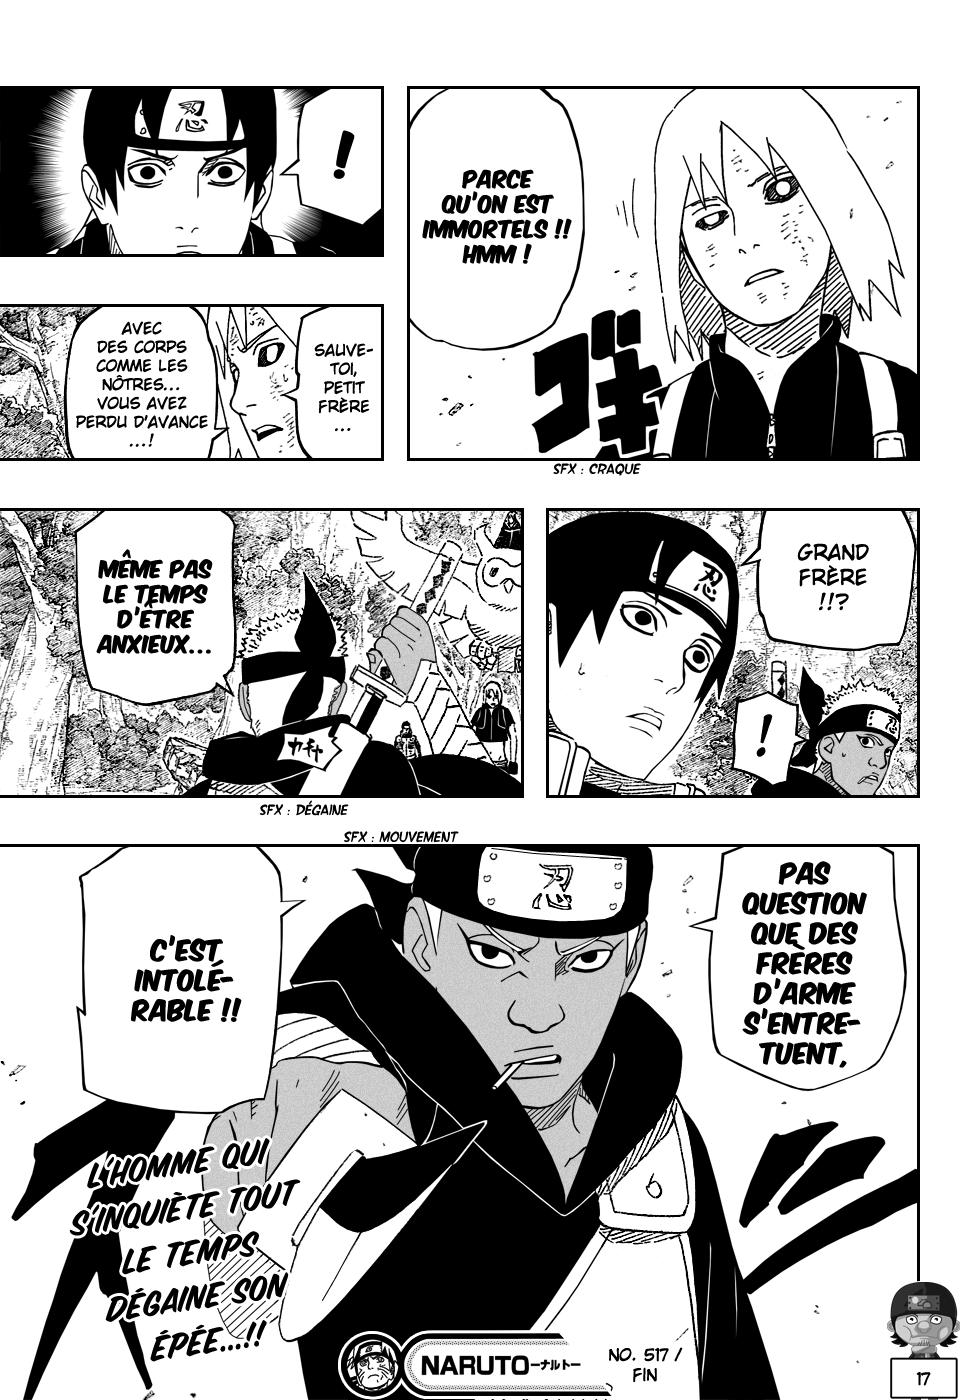 Naruto chapitre 517 - Page 16